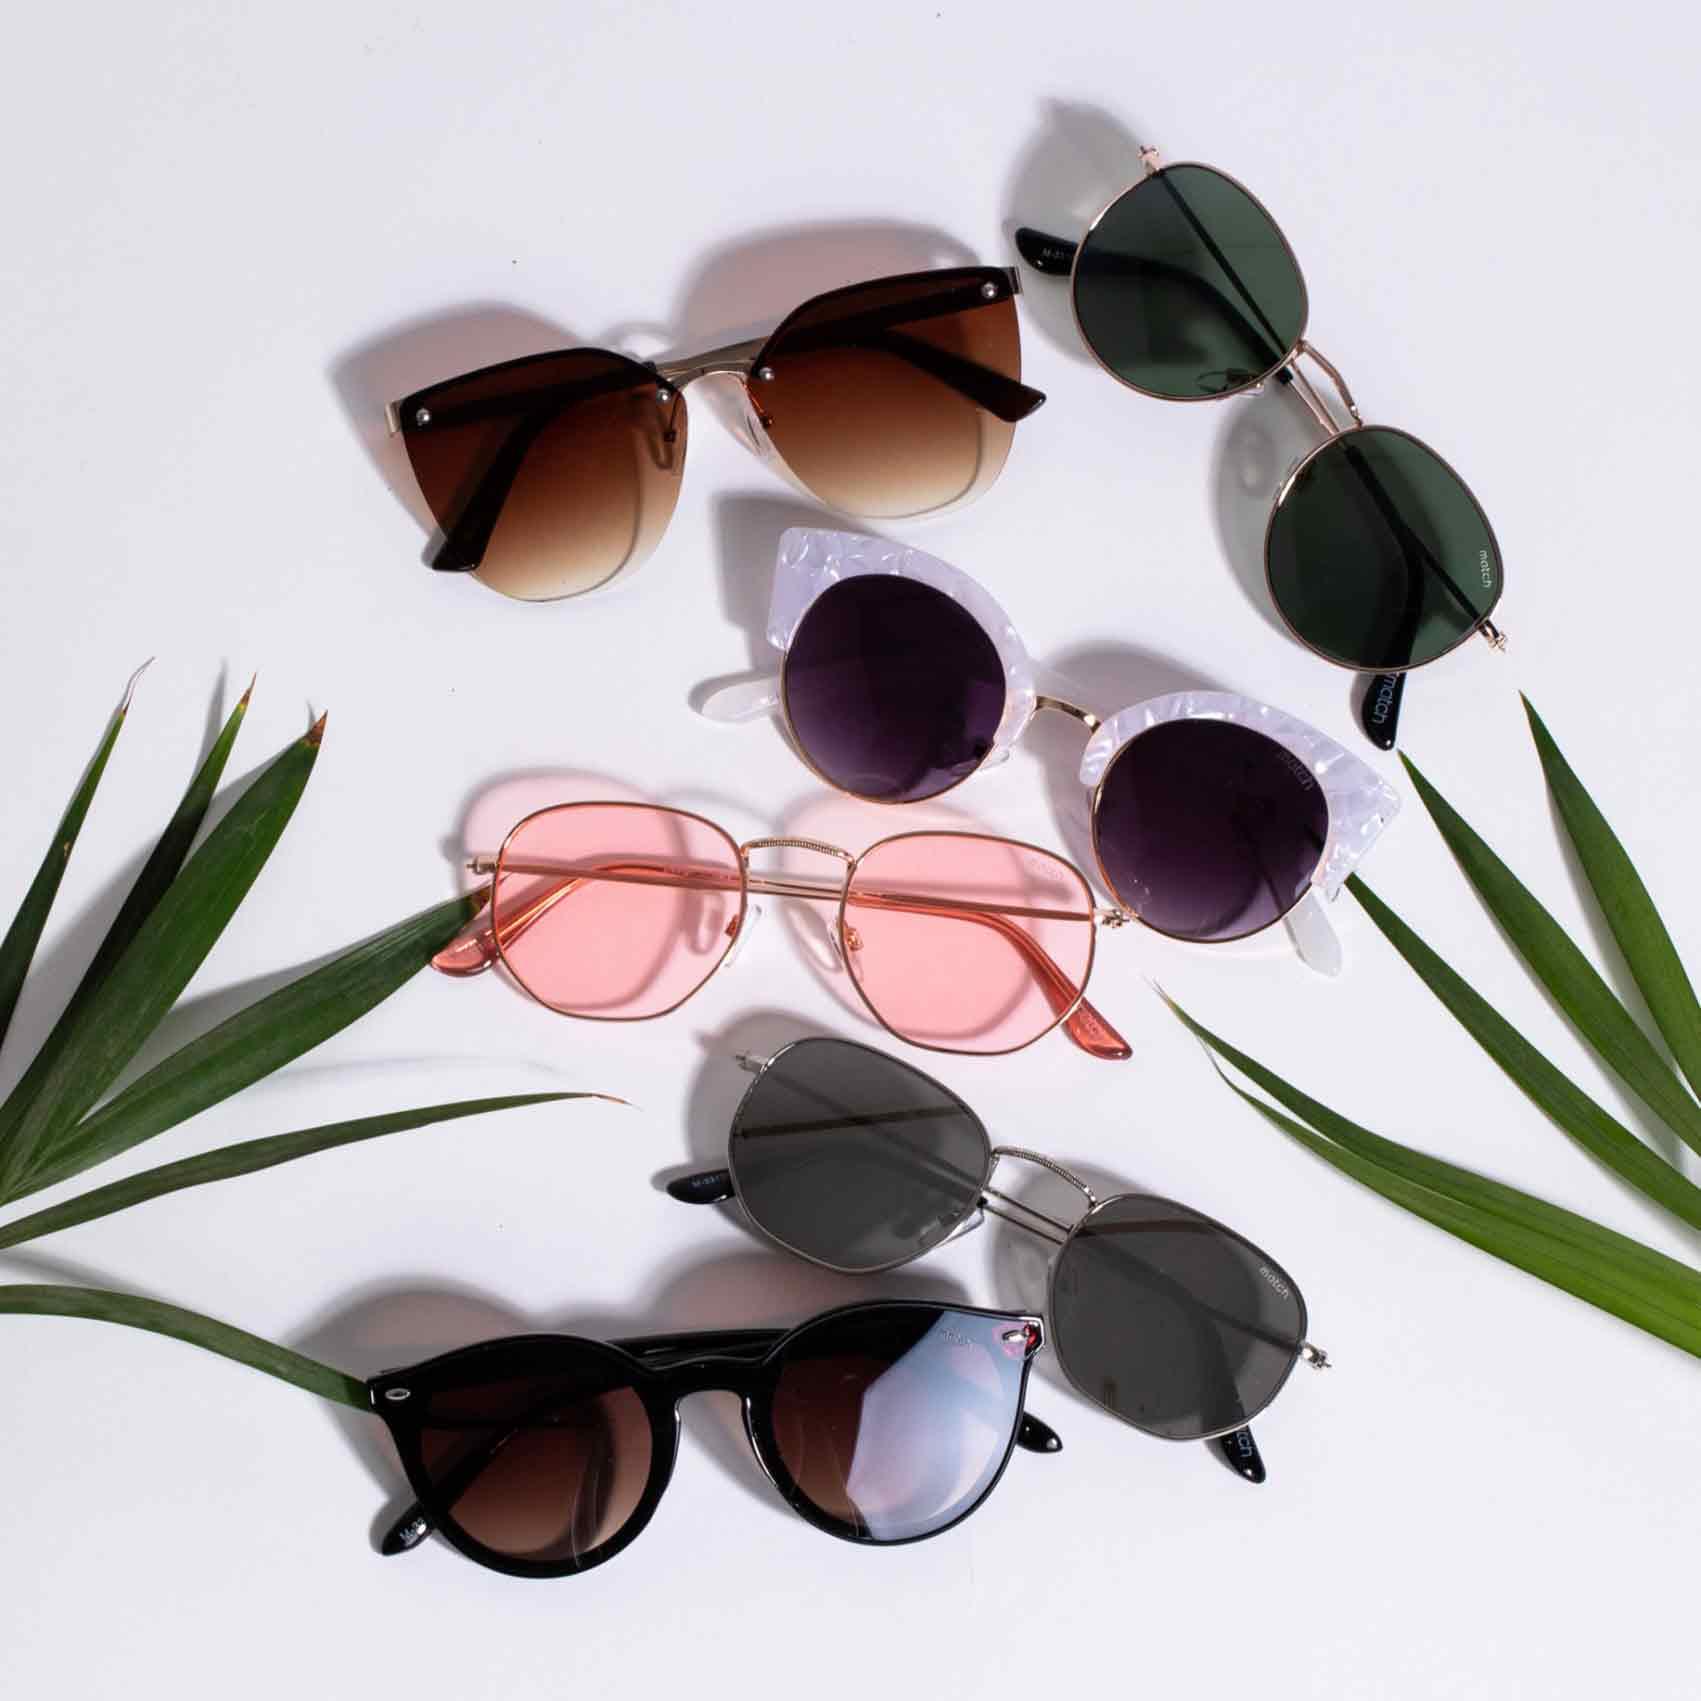 מגזין-אופנה- קולקציית-משקפי-השמש-של-סקופ-צילום-עמירם-בן-ישי-אופנה